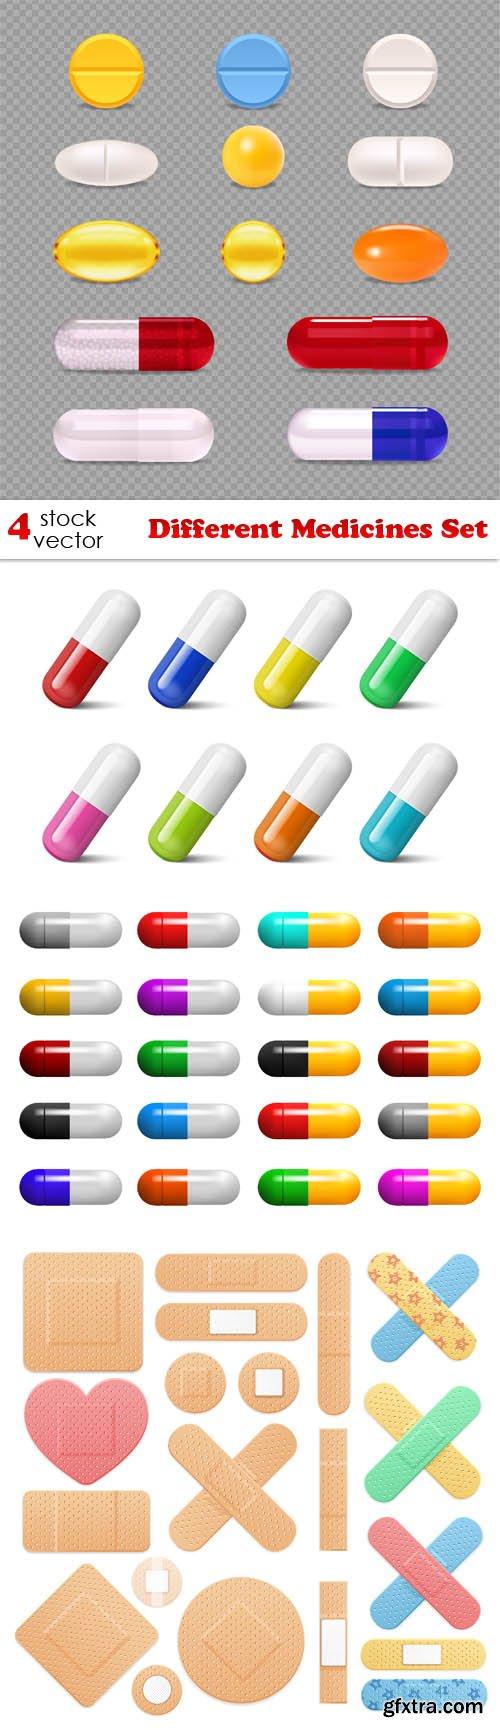 Vectors - Different Medicines Set